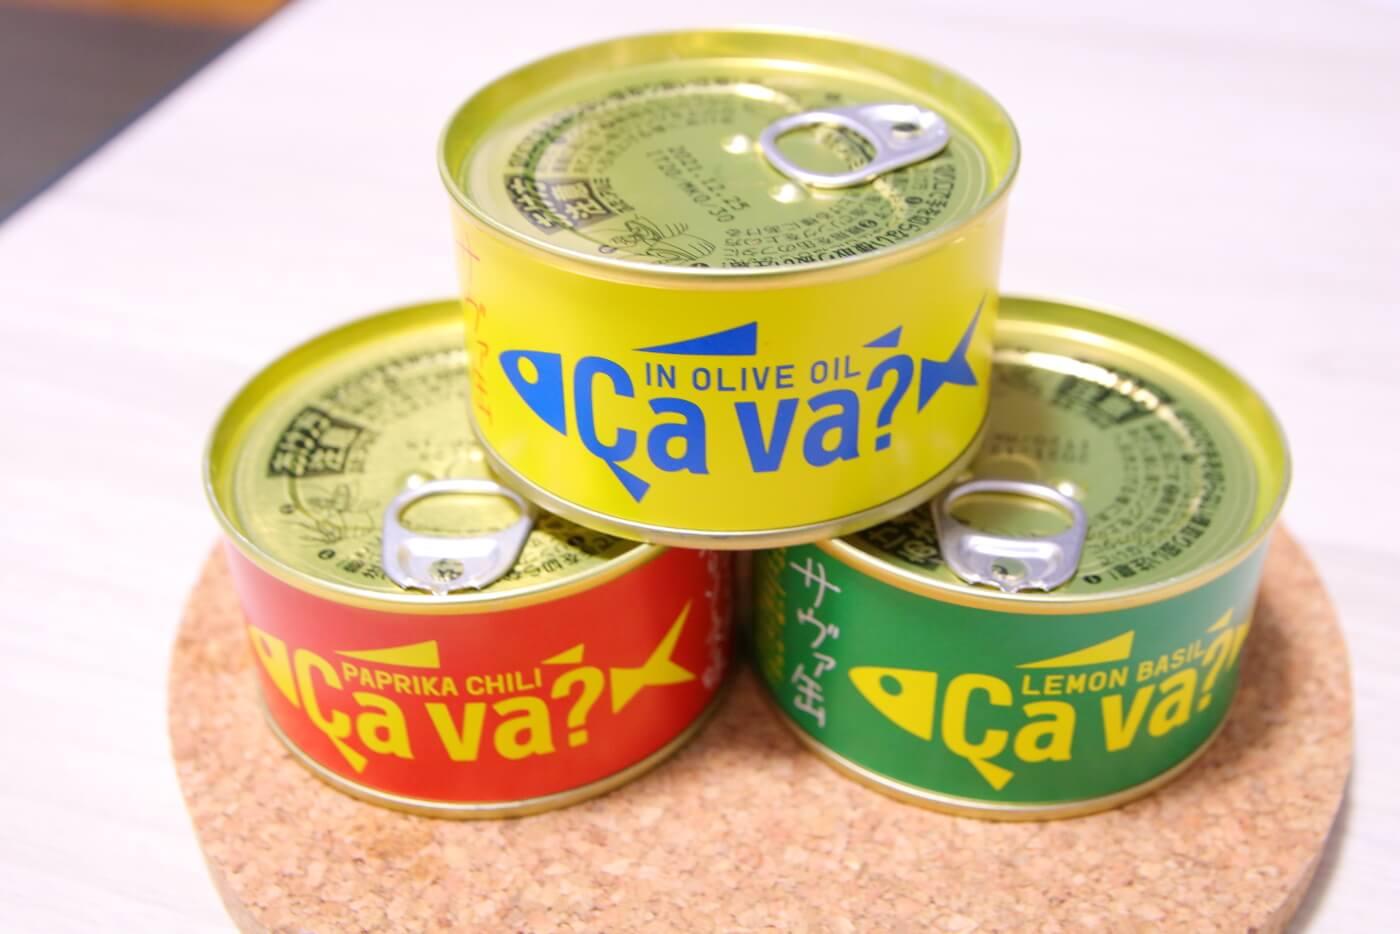 サヴァ缶 レモンバジル パプリカチリソース オリーブオイル漬け